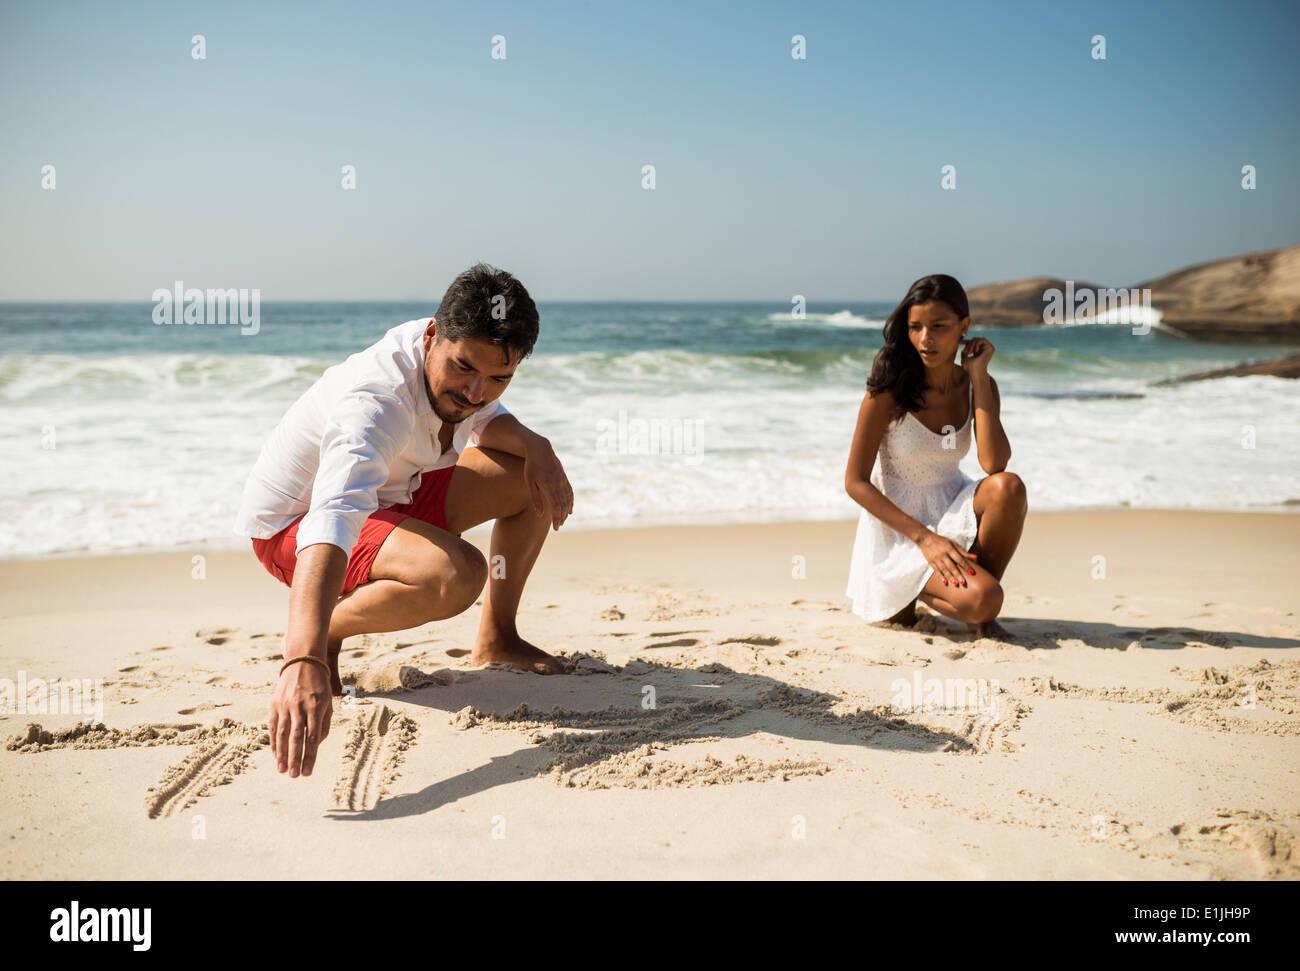 Couple writing in sand on Arpoador beach, Rio De Janeiro, Brazil - Stock Image